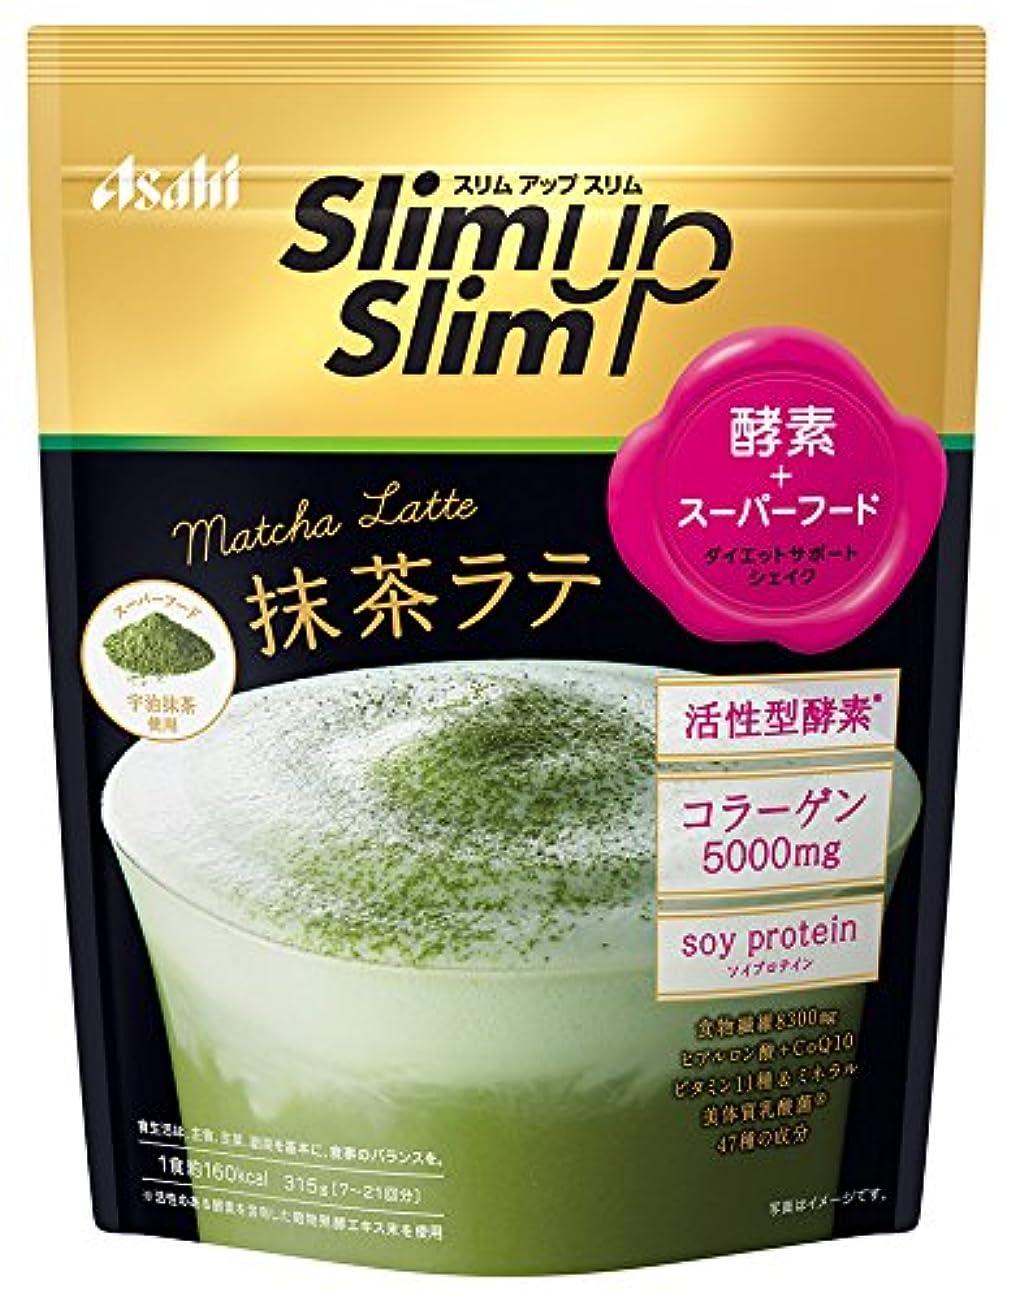 フルーツ野菜不当泣いている酵素+スーパーフードシェイク 抹茶ラテ315g×7